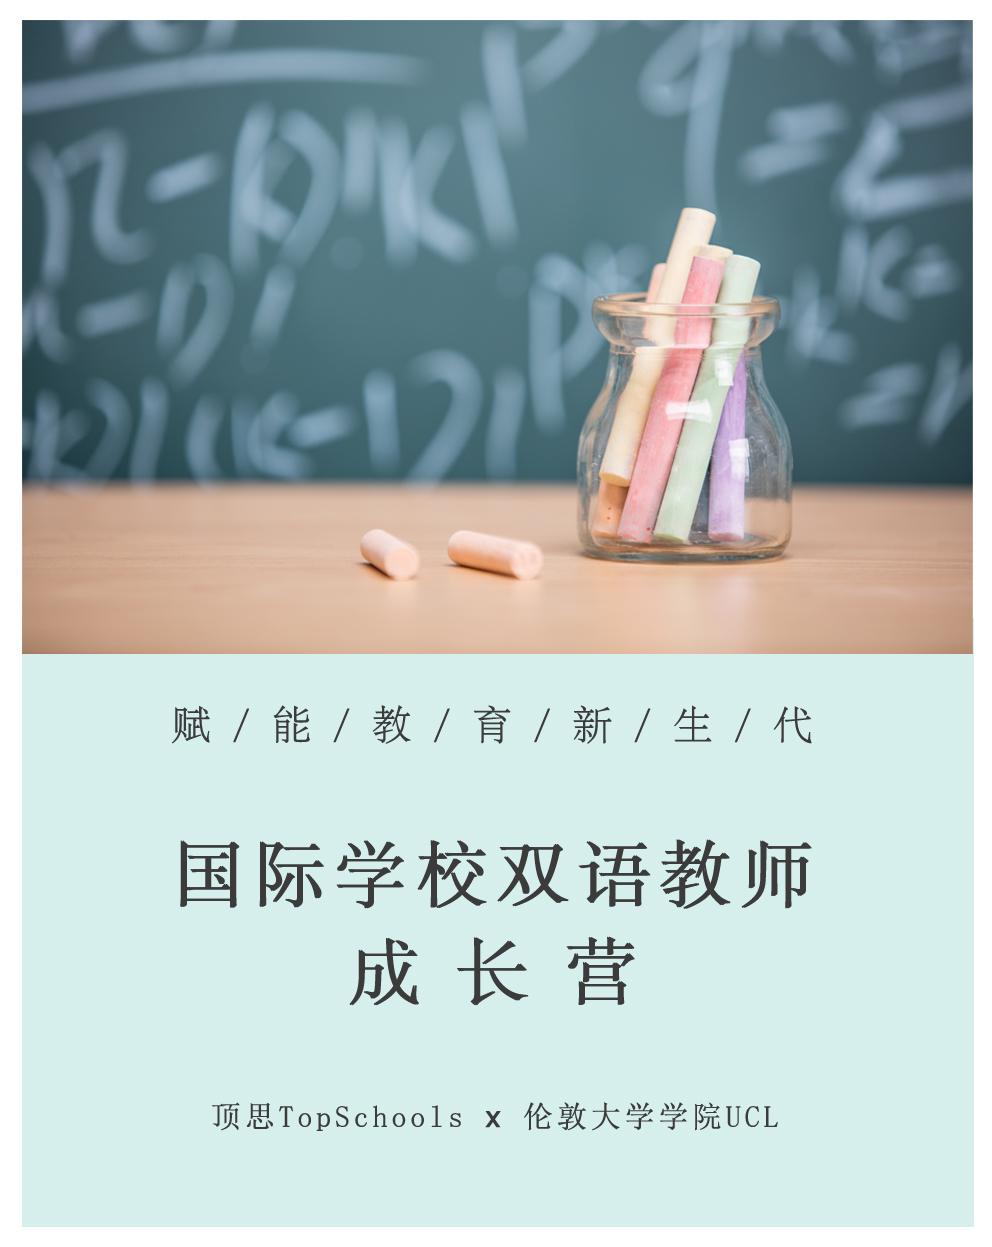 顶思学院 • 双语教师成长营